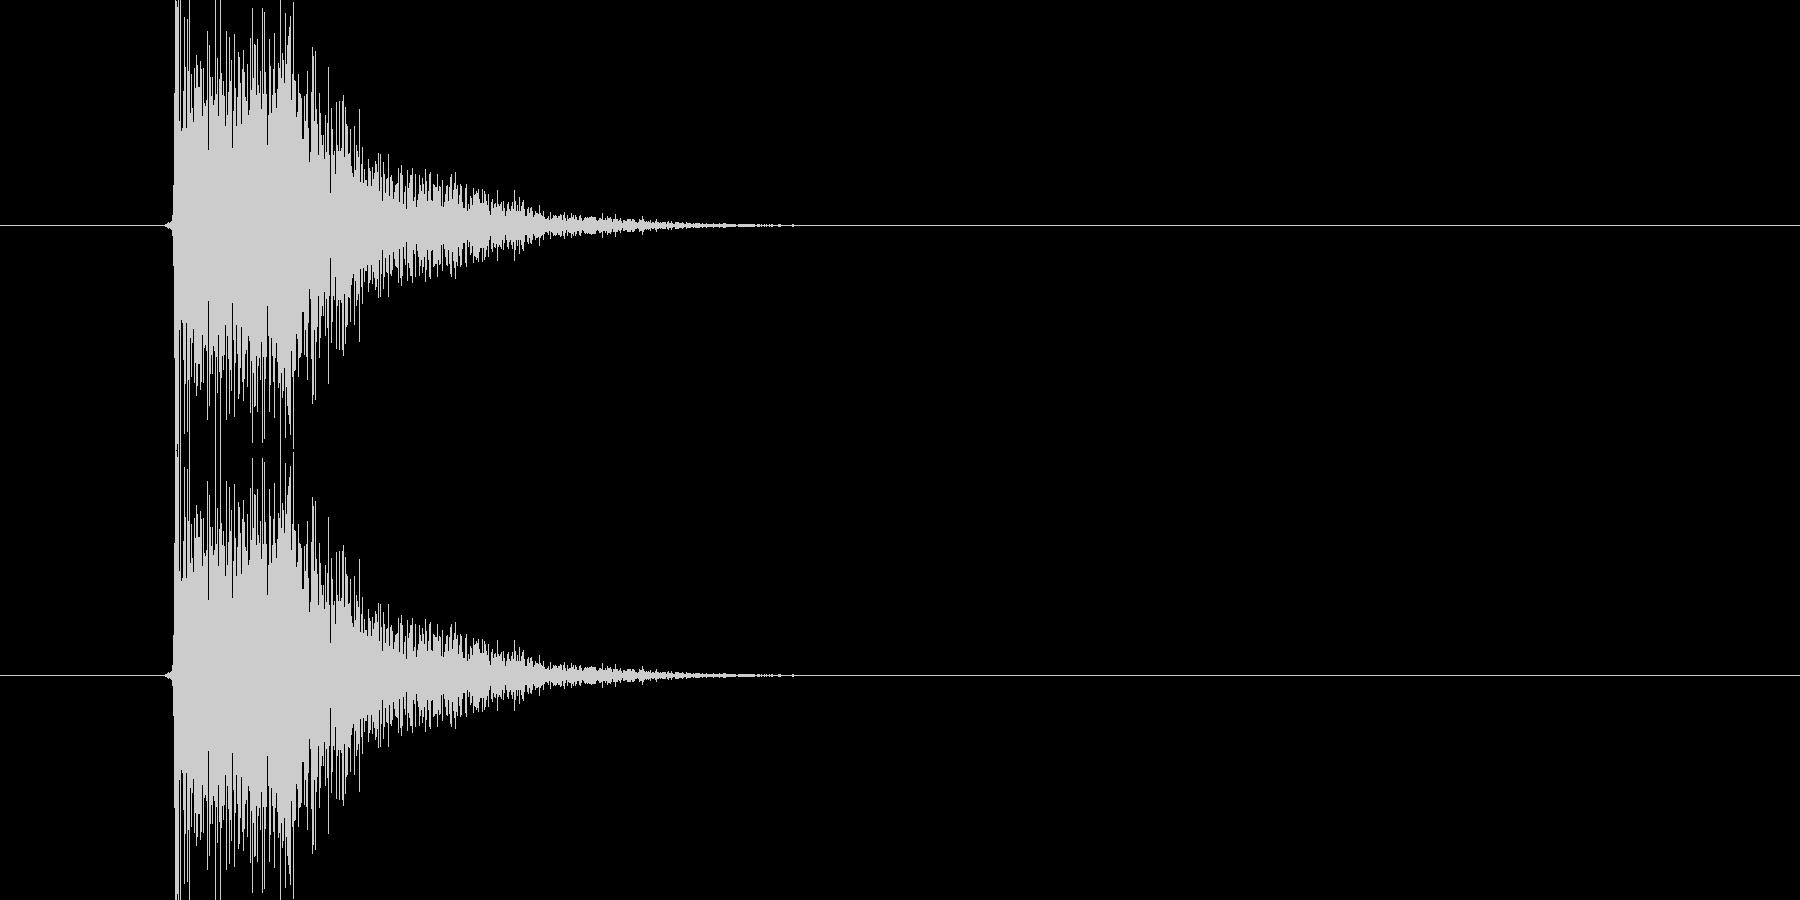 ハンドガンの発砲音。バーン。の未再生の波形